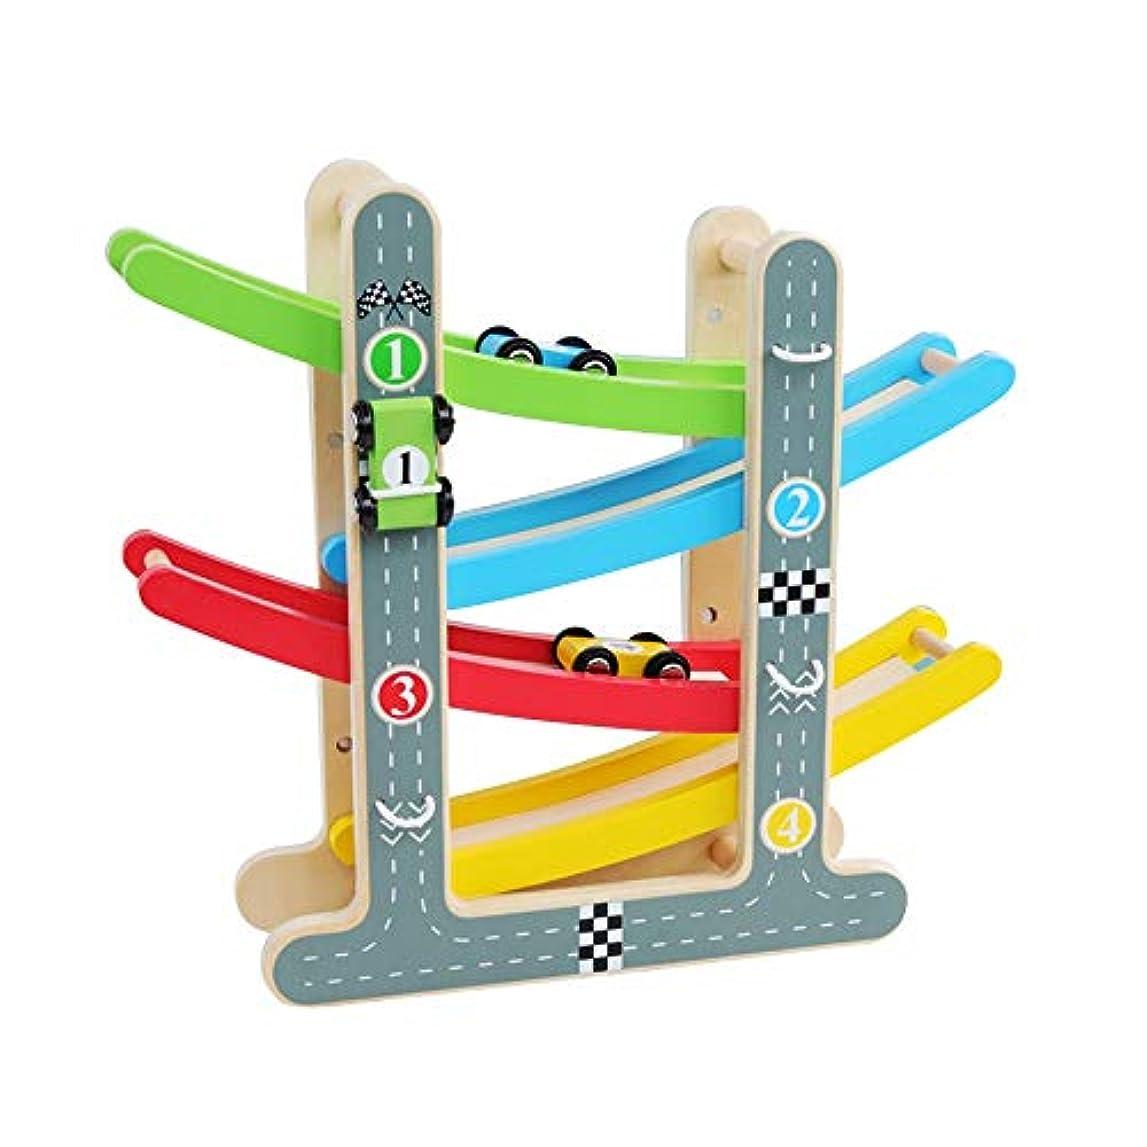 狂った機知に富んだめまいXyanzi 子どもおもちゃ 幼児のおもちゃレーストラック、4台のミニカーとランプレーサーゲーム初期開発車両プレイセット玩具(サイズ:8.86